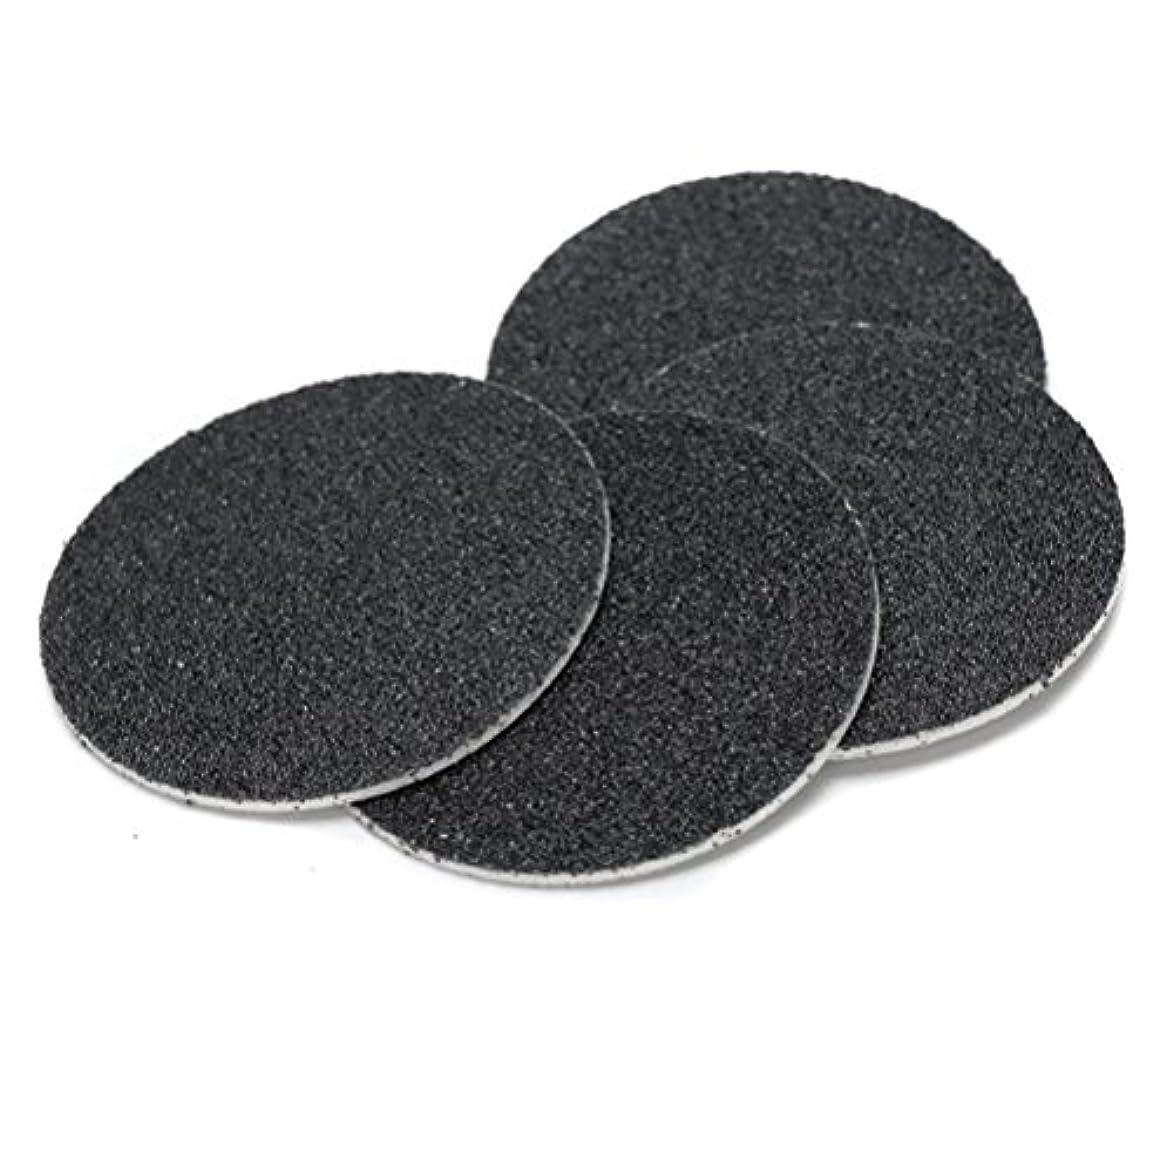 保険をかける昇る発明Joint Victory Pedicure Tools 1 Box (60pcs) Replacement Sandpaper Discs Pad for Electric Foot File Callus Remover...